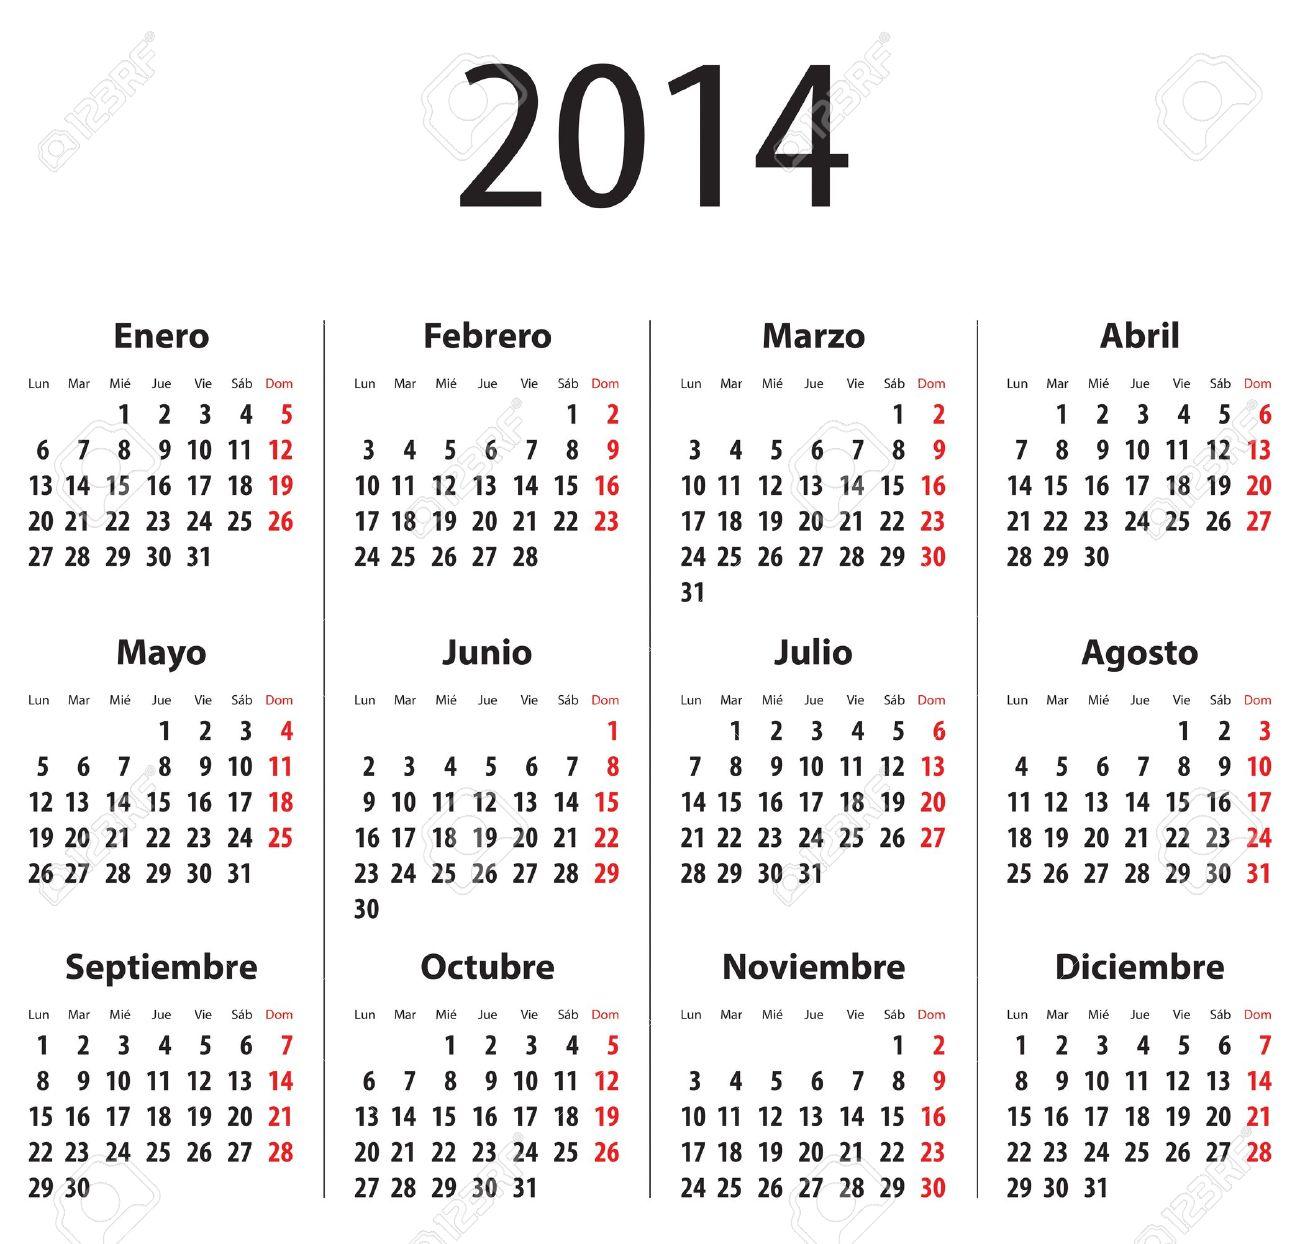 Calendario Spagnolo.Calendario Di Spagnolo Per Il 2014 Lunedi Primo Cifre In Grassetto Vector Illustration